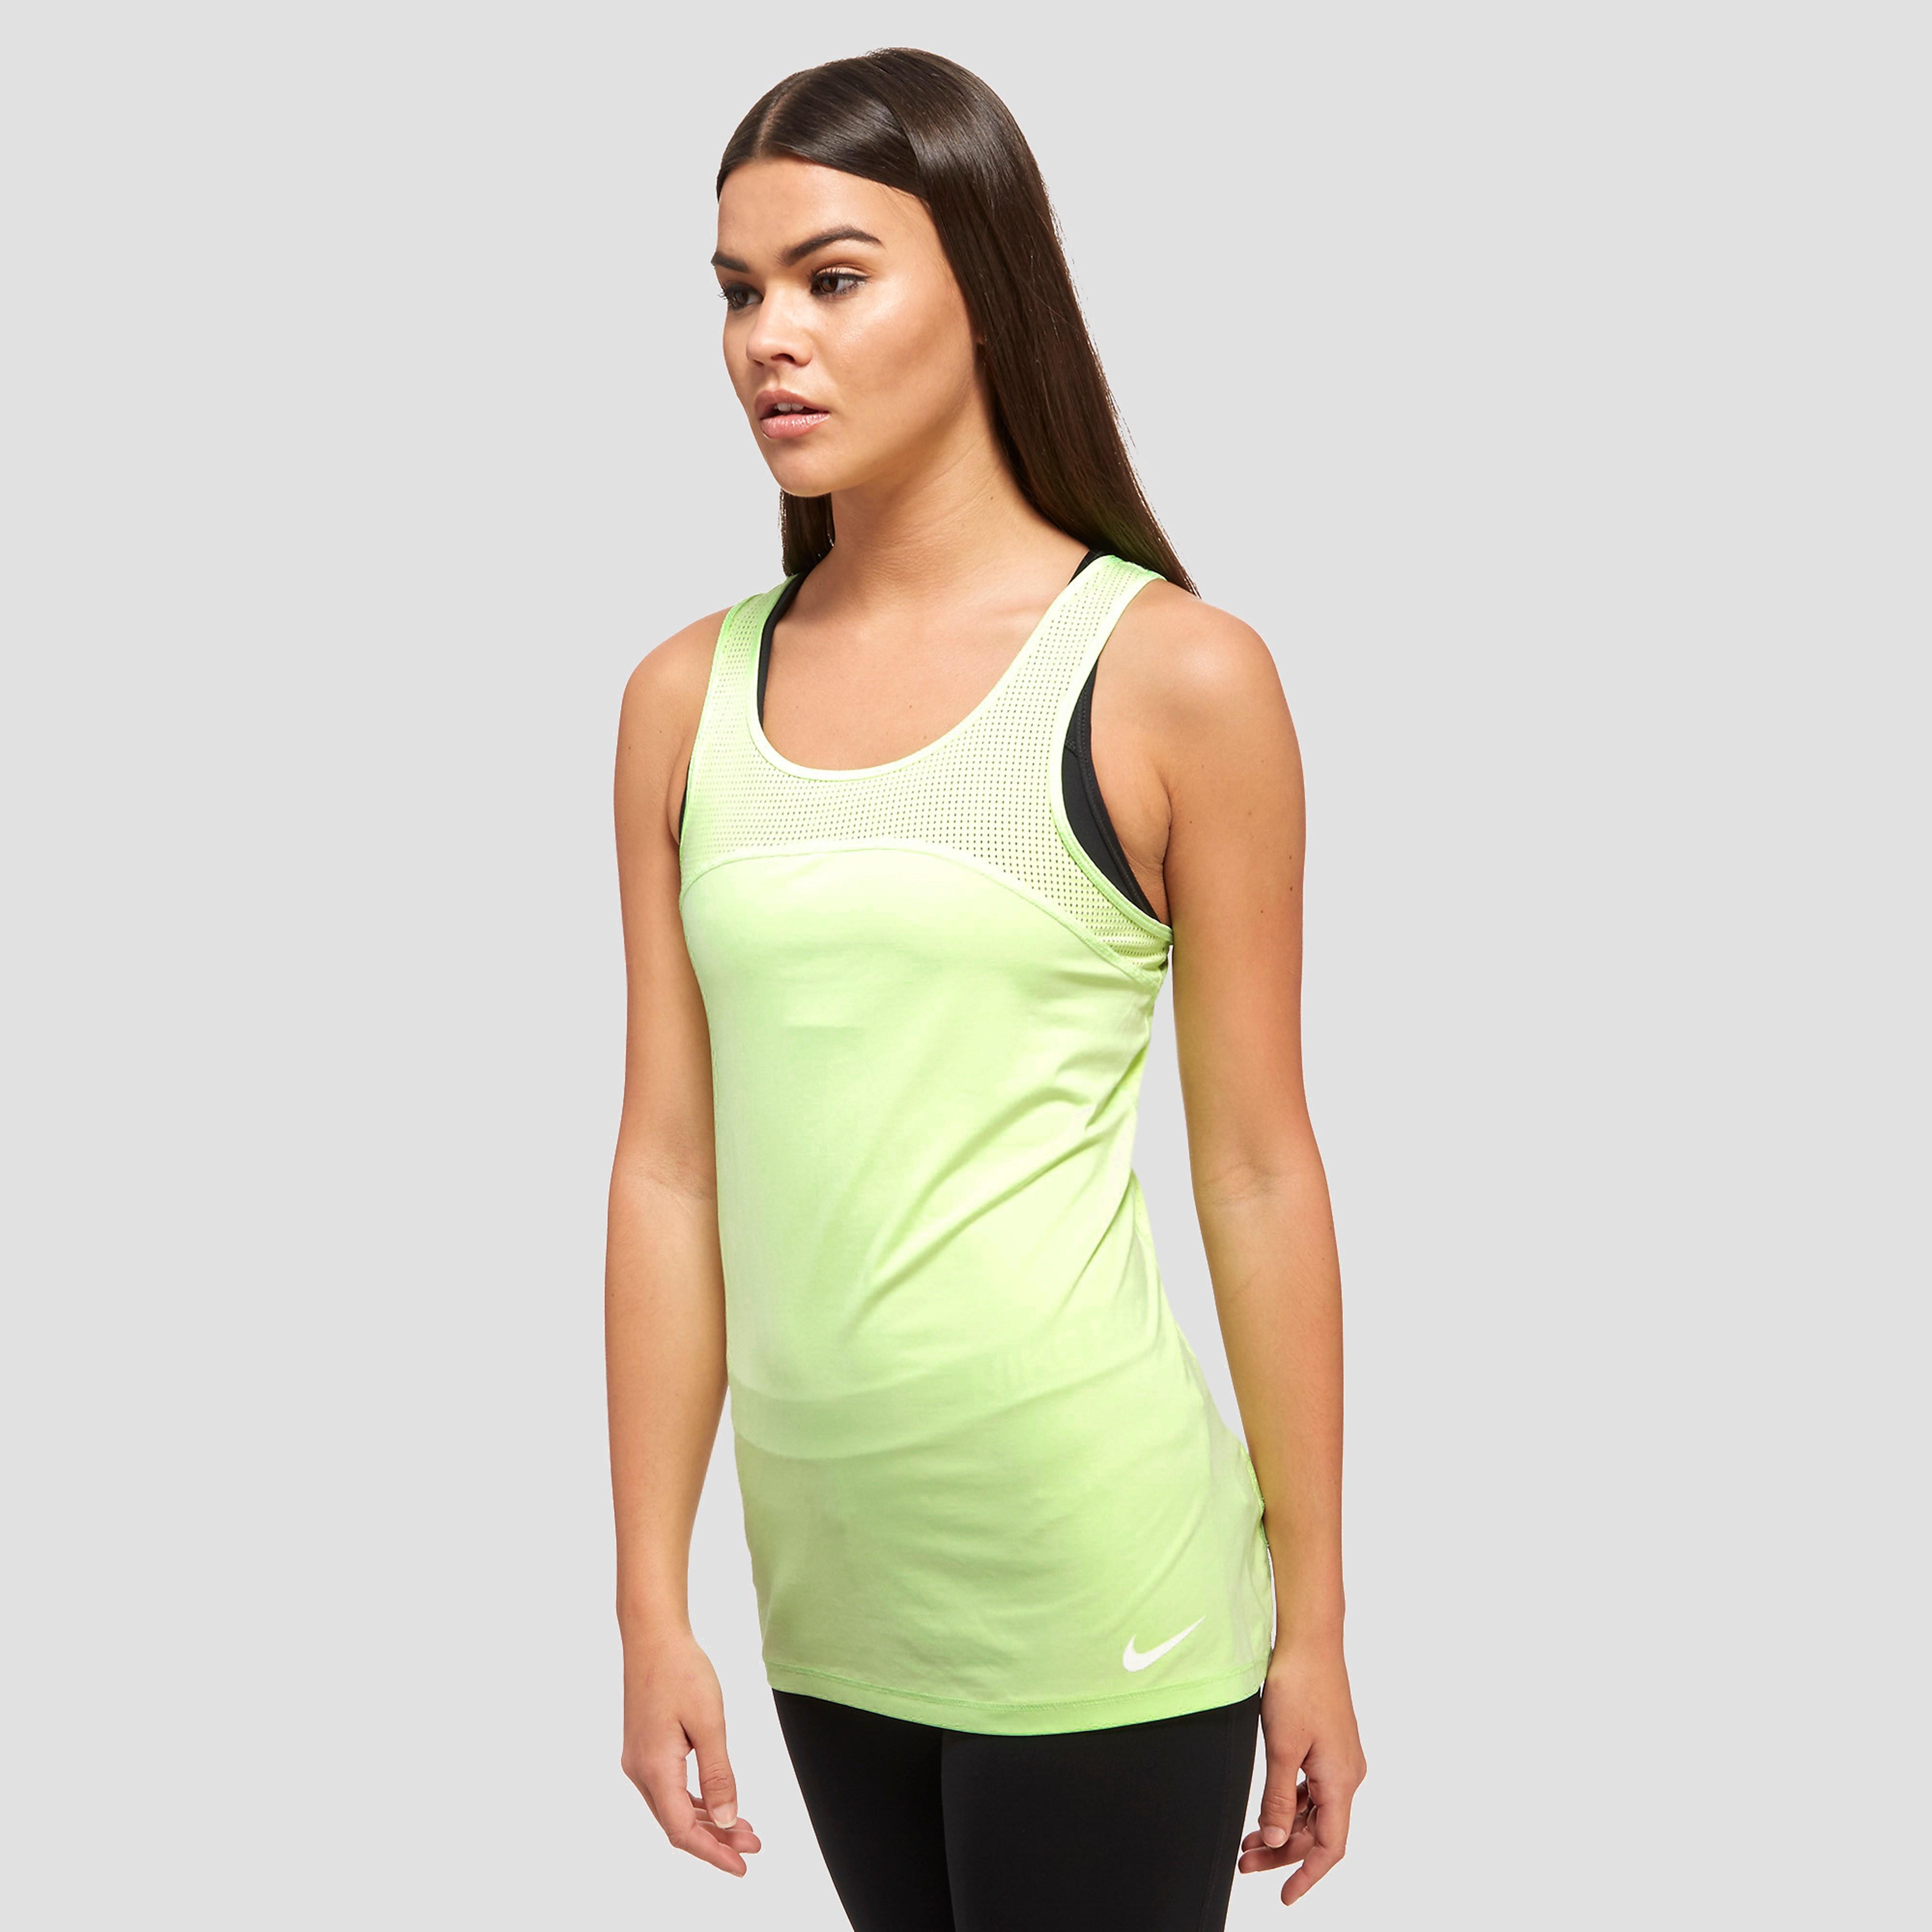 Nike PRO HYPERCOOL WOMEN'S TANK TOP